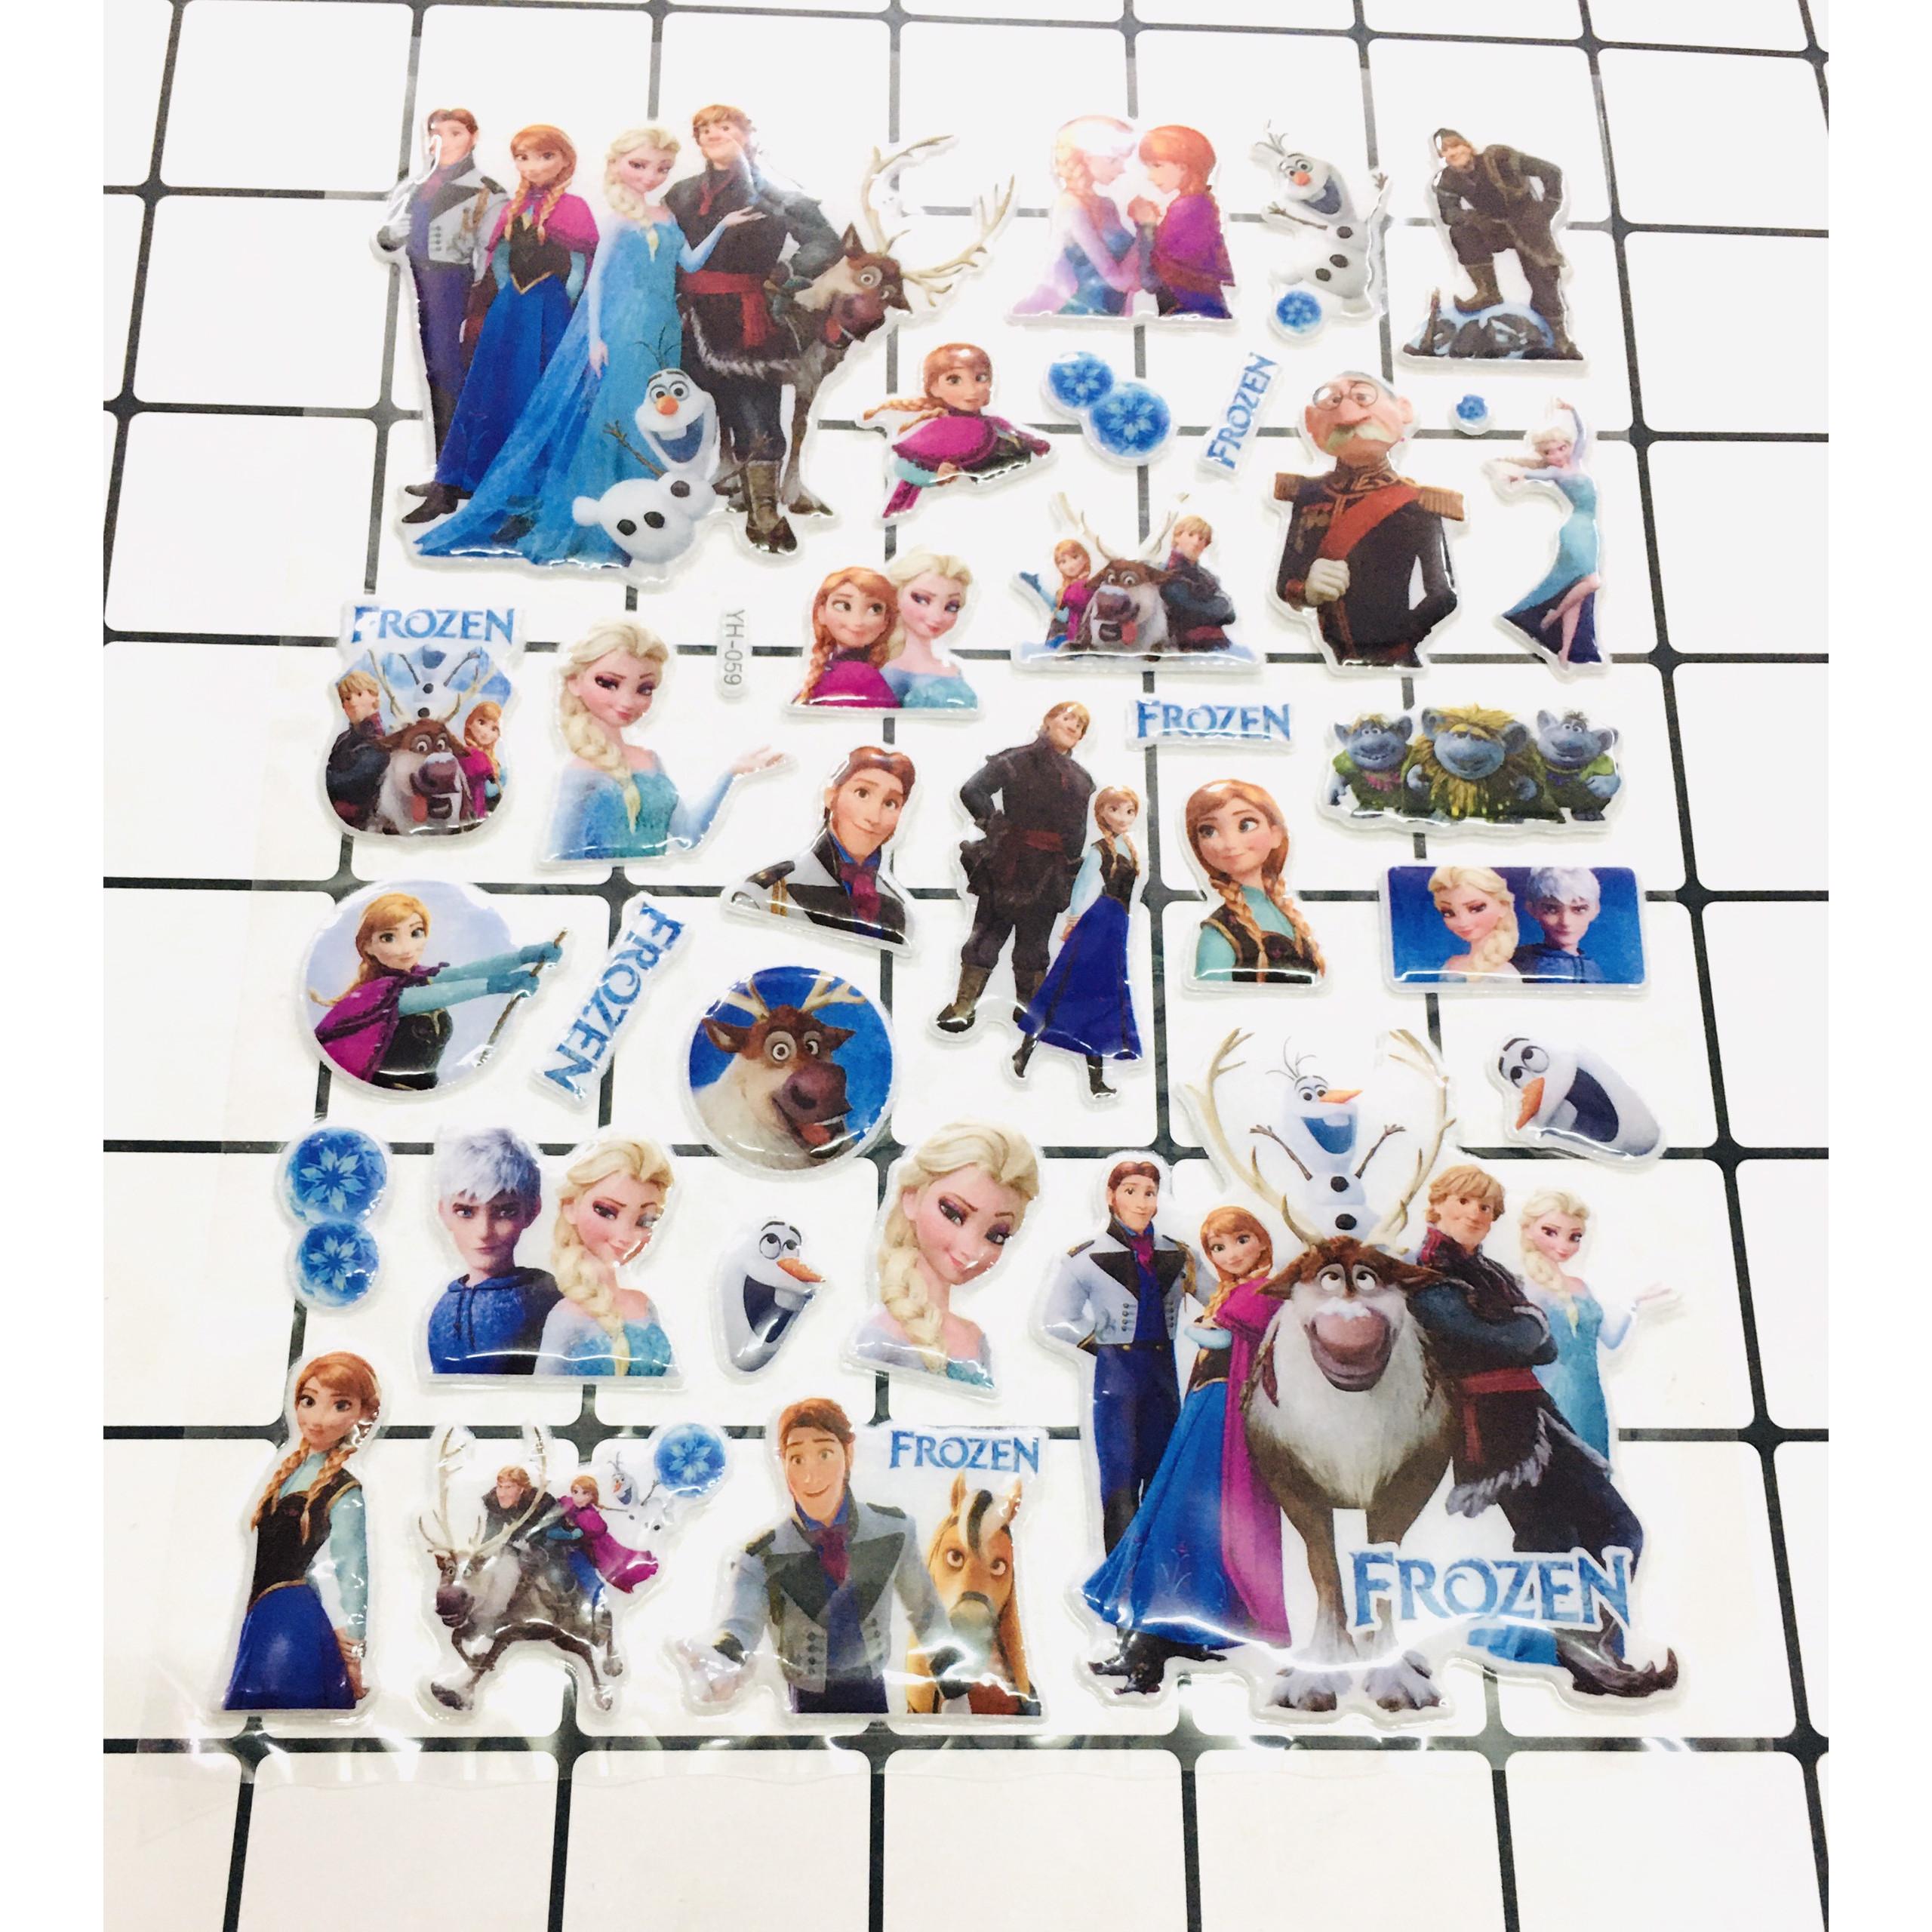 Set 2 bảng Sticker hình dán Elsa, công chúa, bé gái Nổi 3D